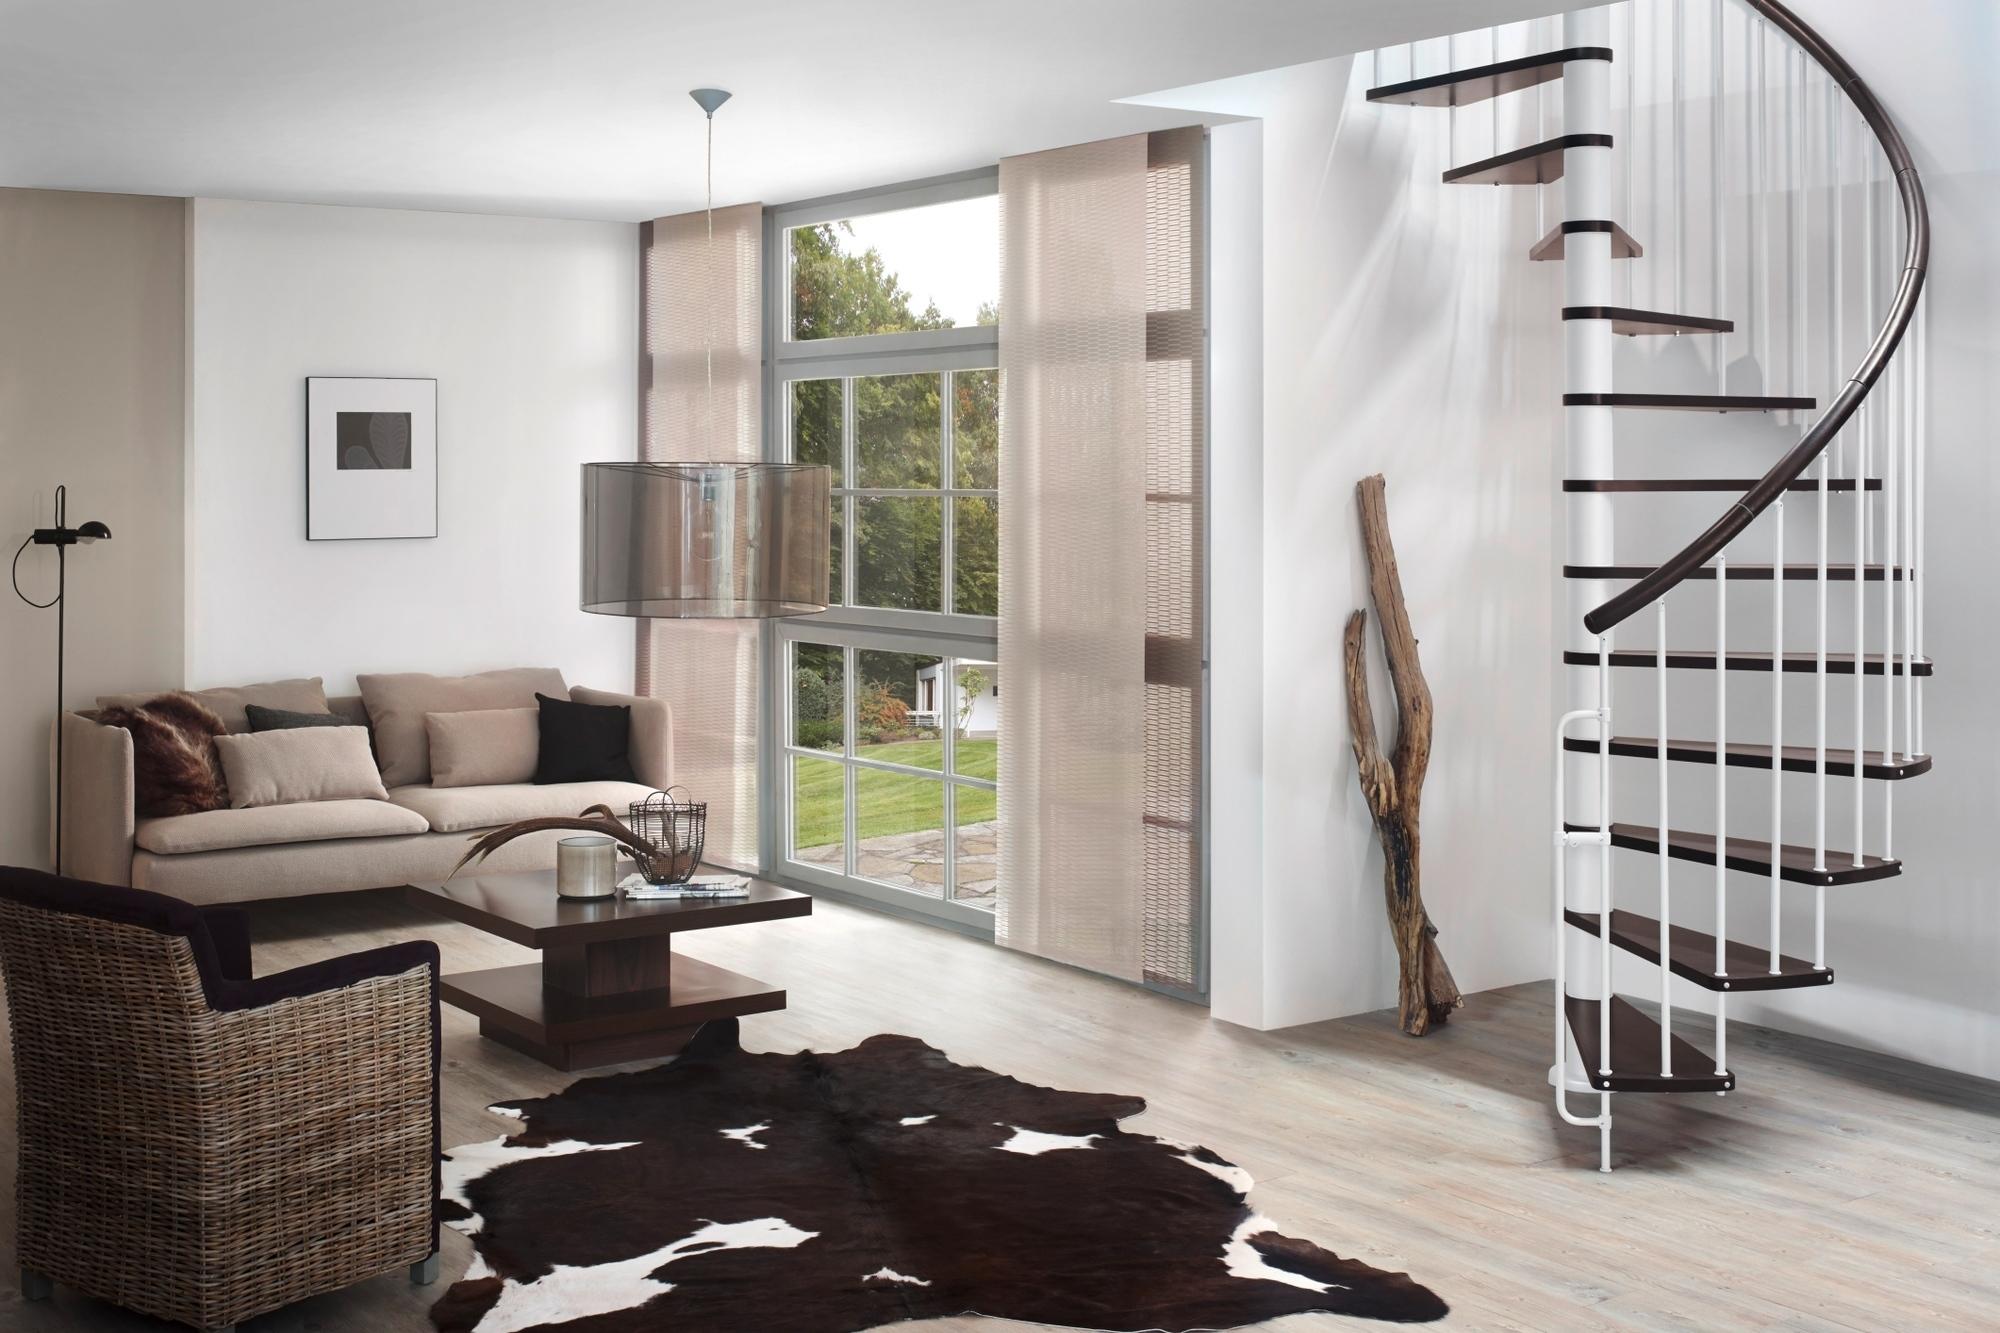 mit einer wendeltreppe neuen wohnraum erschlie en haus. Black Bedroom Furniture Sets. Home Design Ideas